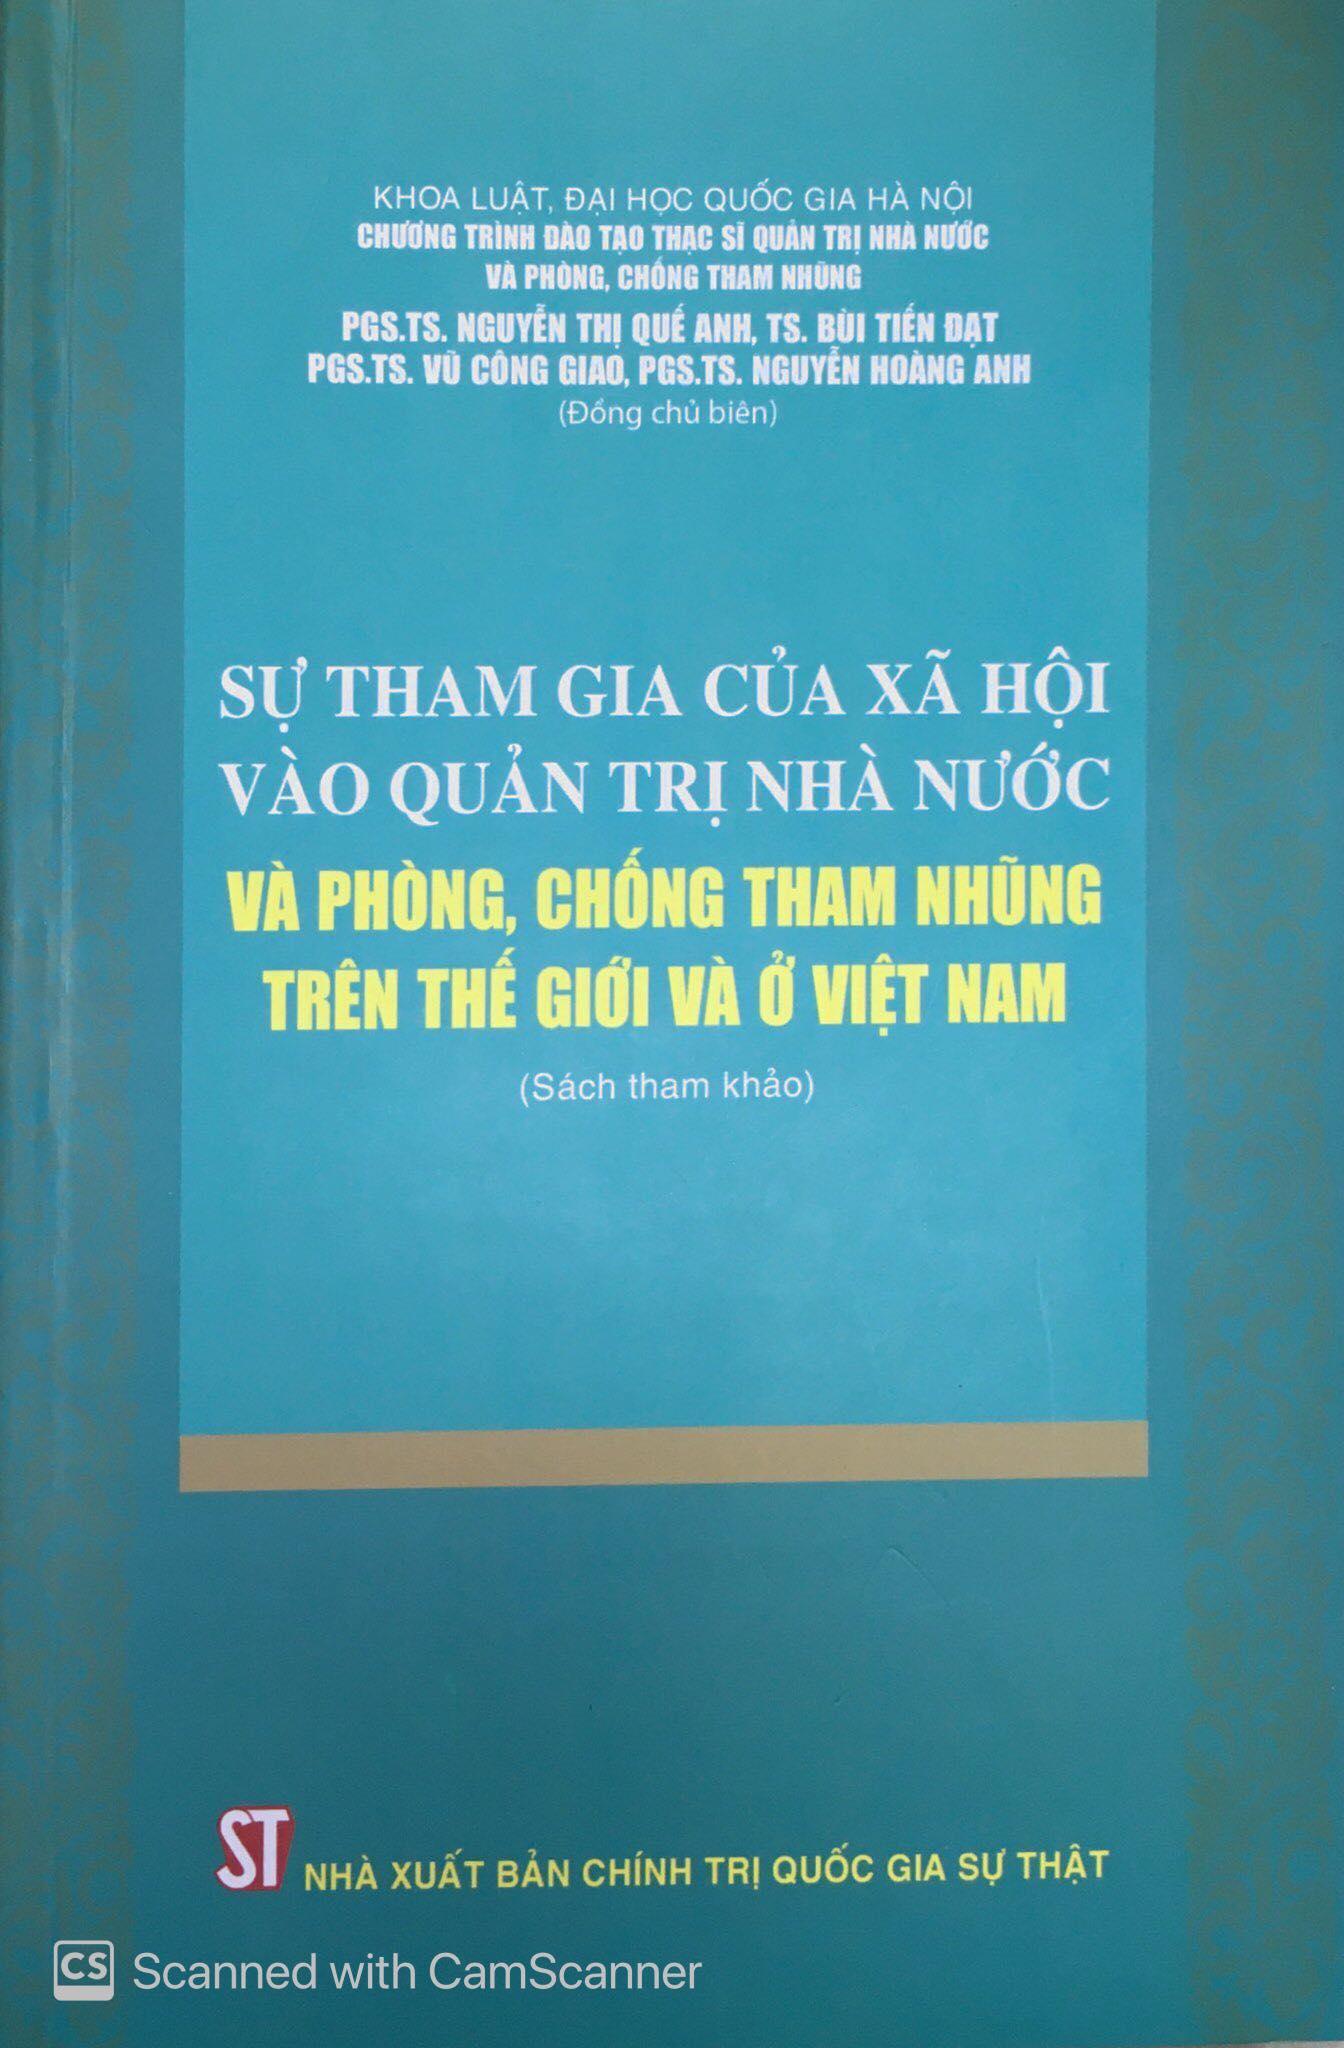 Sự tham gia của xã hội vào quản trị nhà nước và phòng, chống tham nhũng trên thế giới và ở Việt Nam (Sách tham khảo)